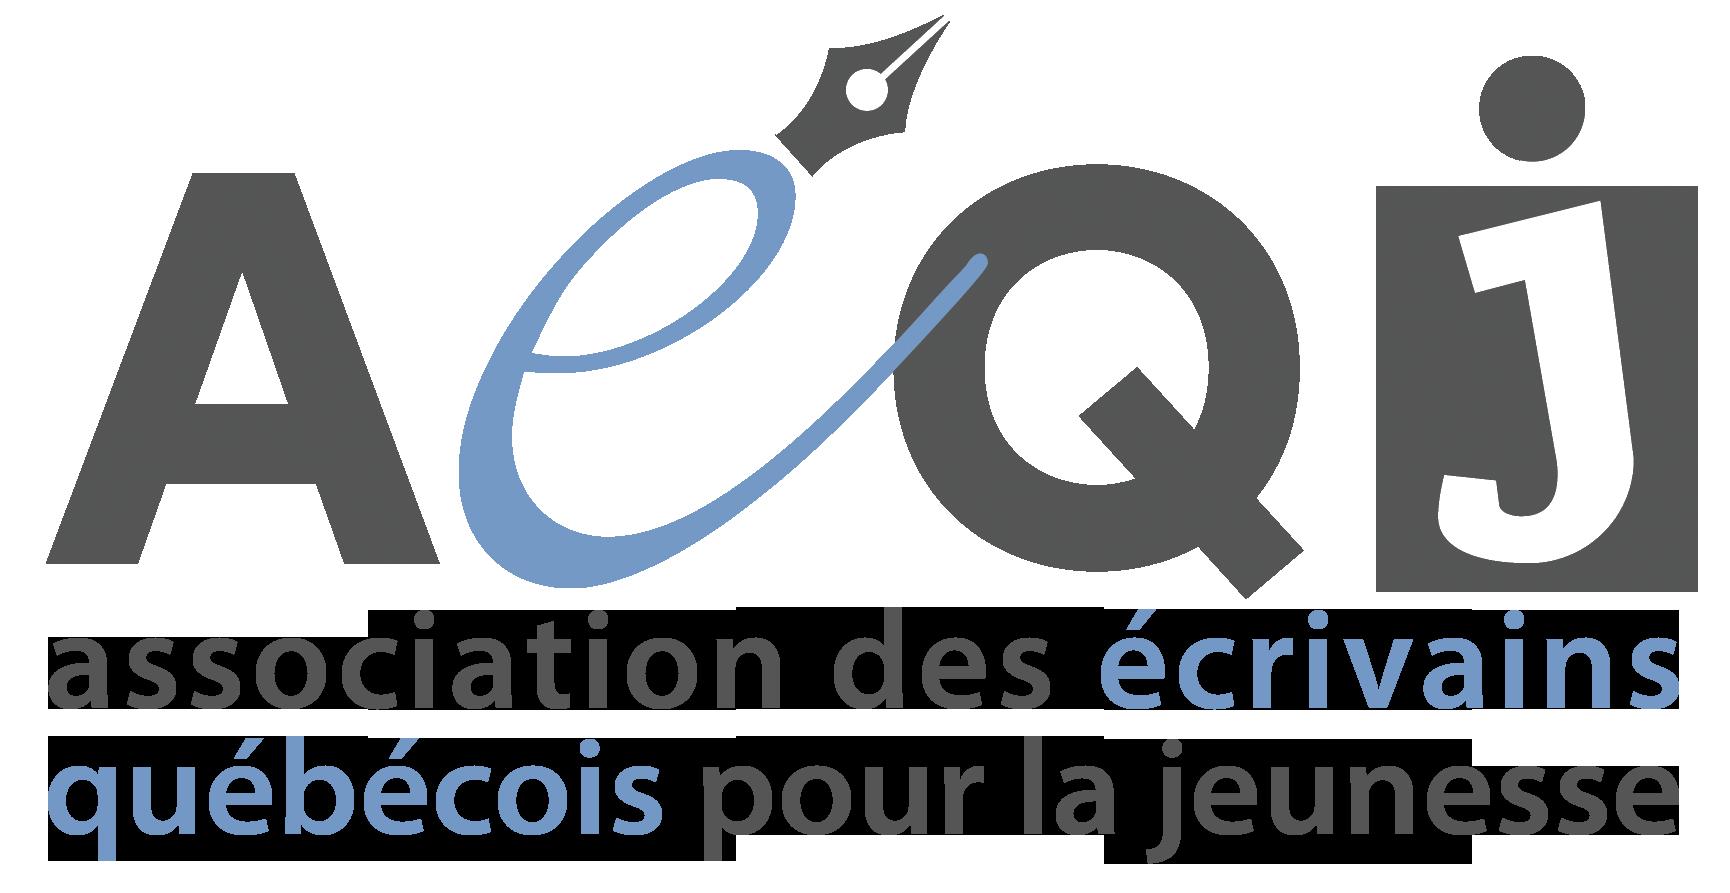 Association des écrivains québécois pour la jeunesse